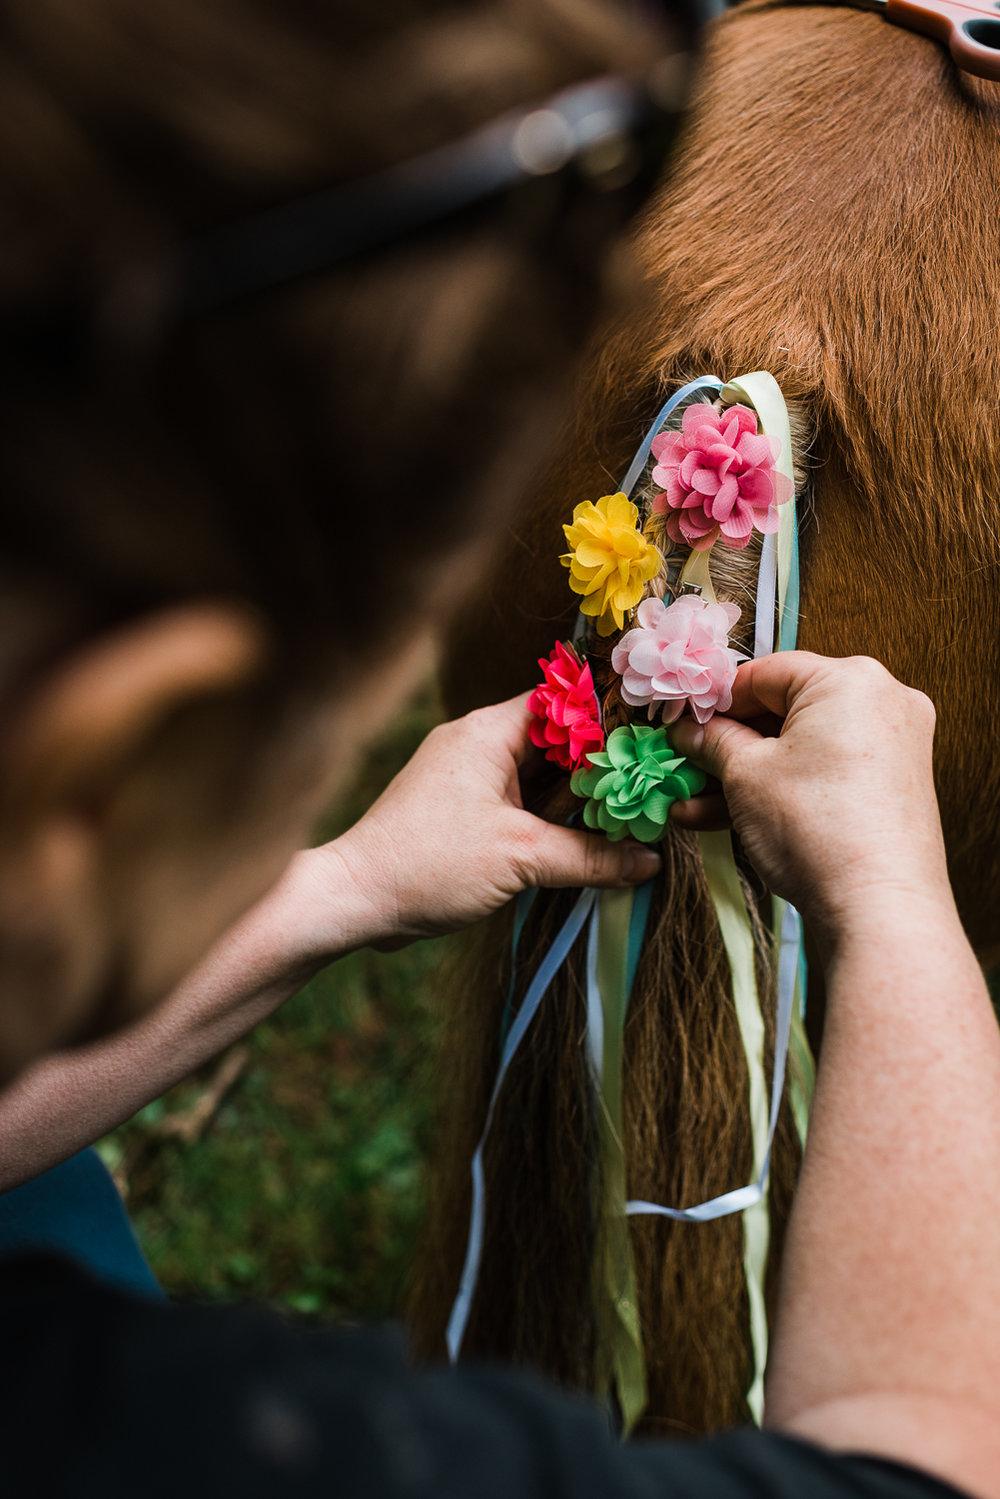 Flower braids on pony's tail